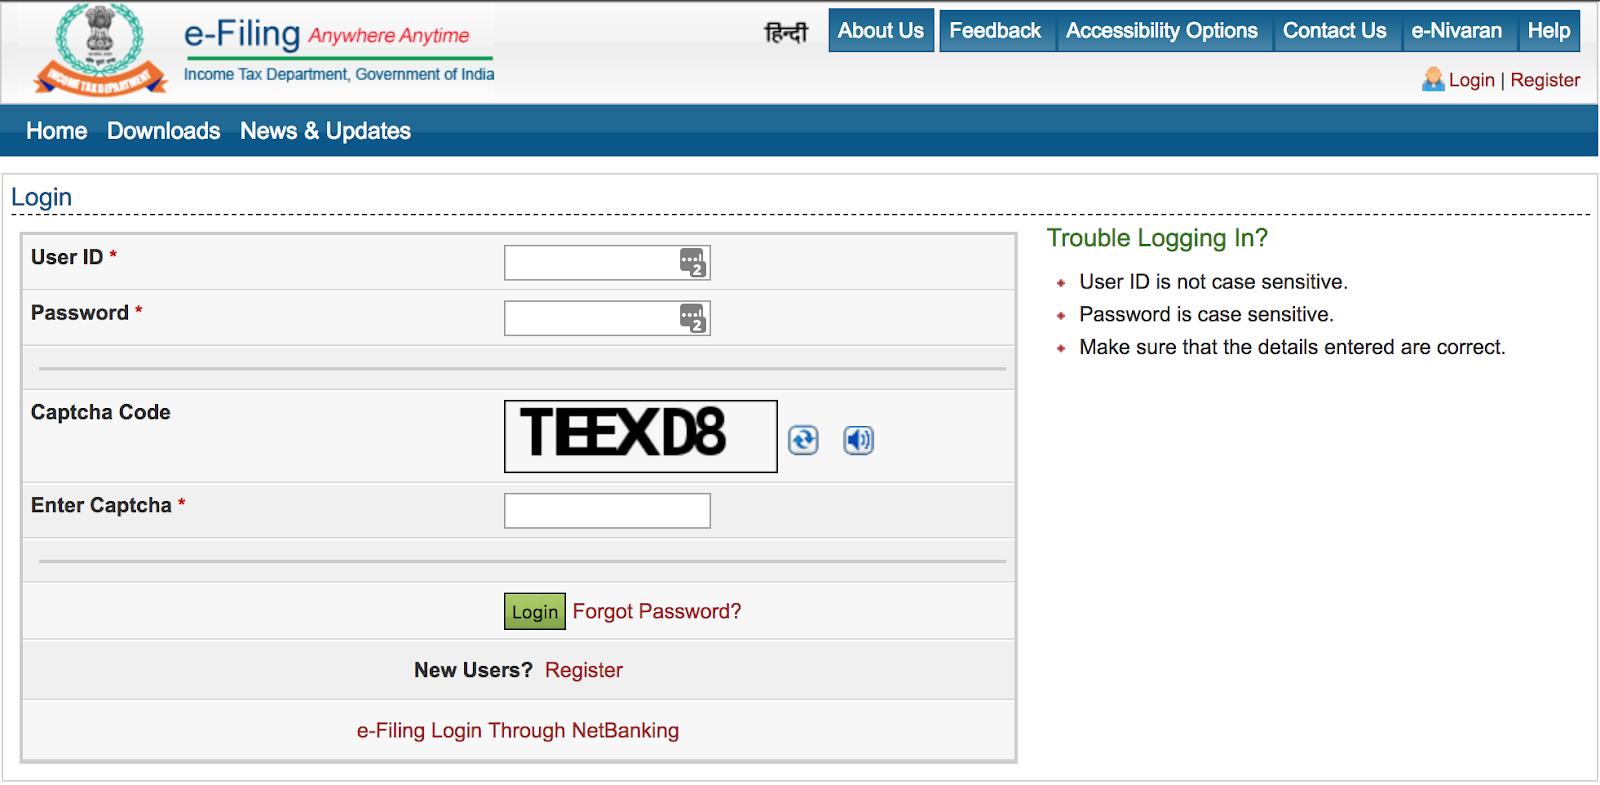 Income Tax e-Filing Portal - Login Page